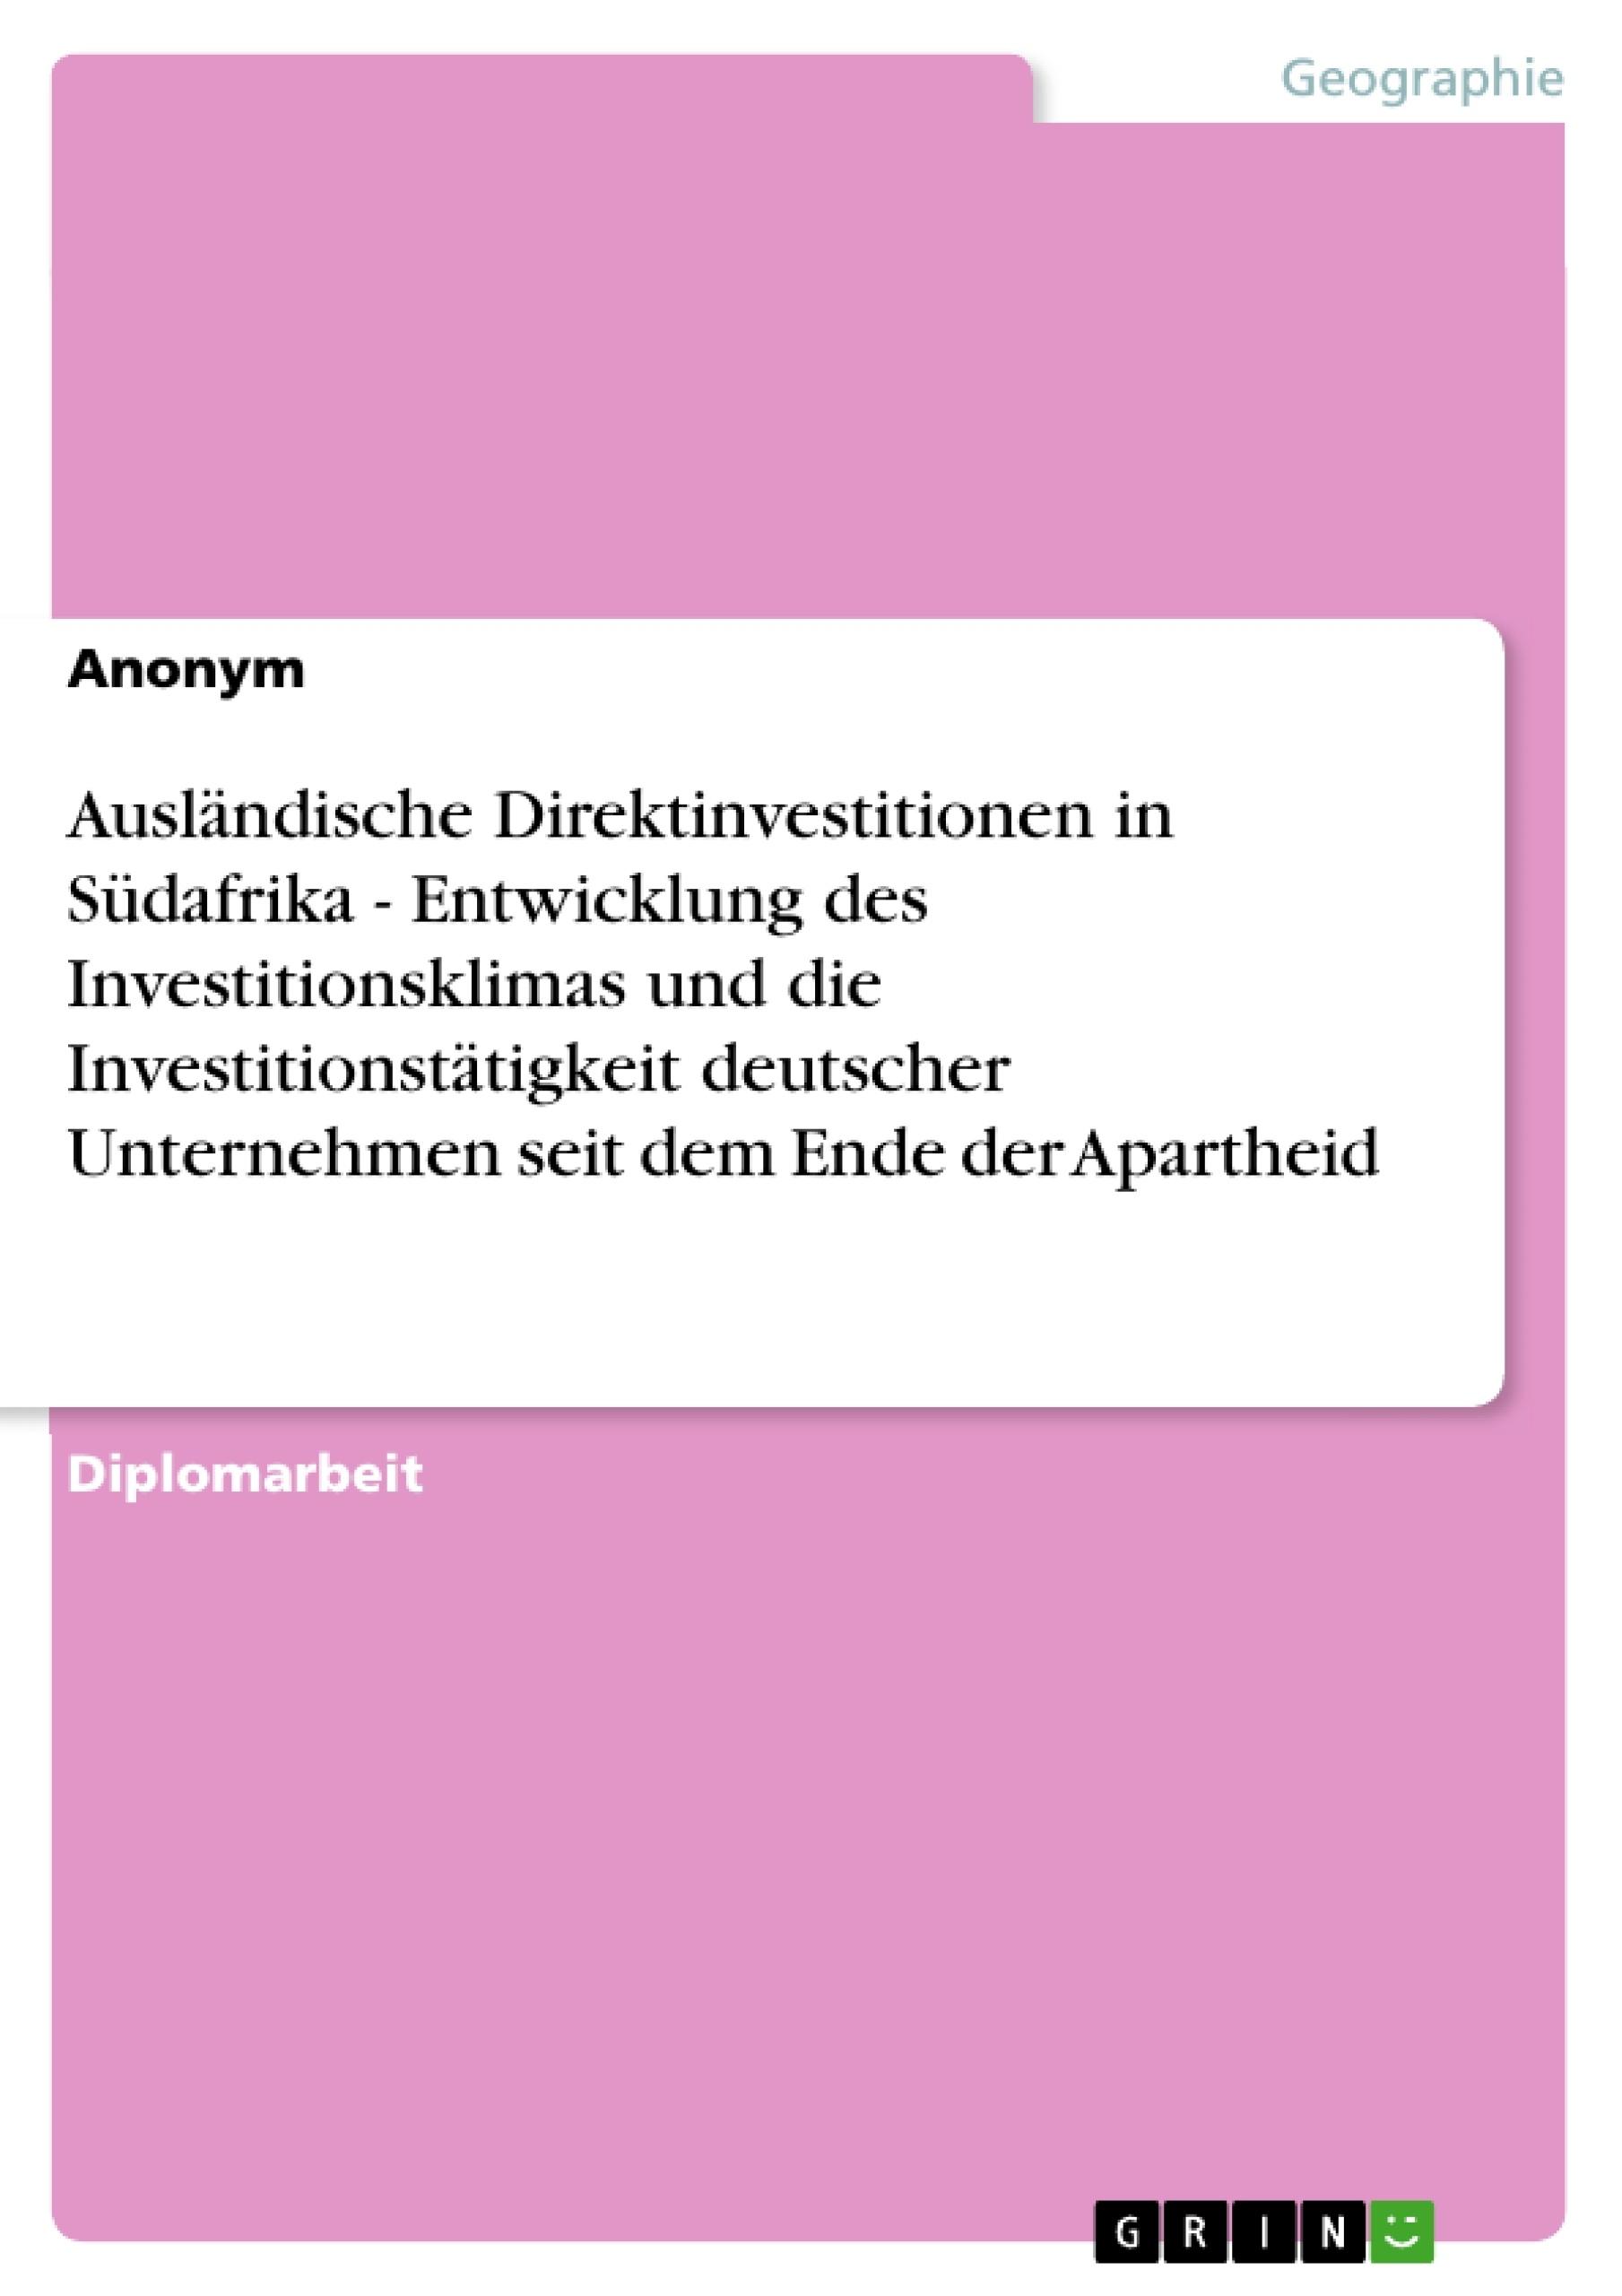 Titel: Ausländische Direktinvestitionen in Südafrika - Entwicklung des Investitionsklimas und die Investitionstätigkeit deutscher Unternehmen seit dem Ende der Apartheid